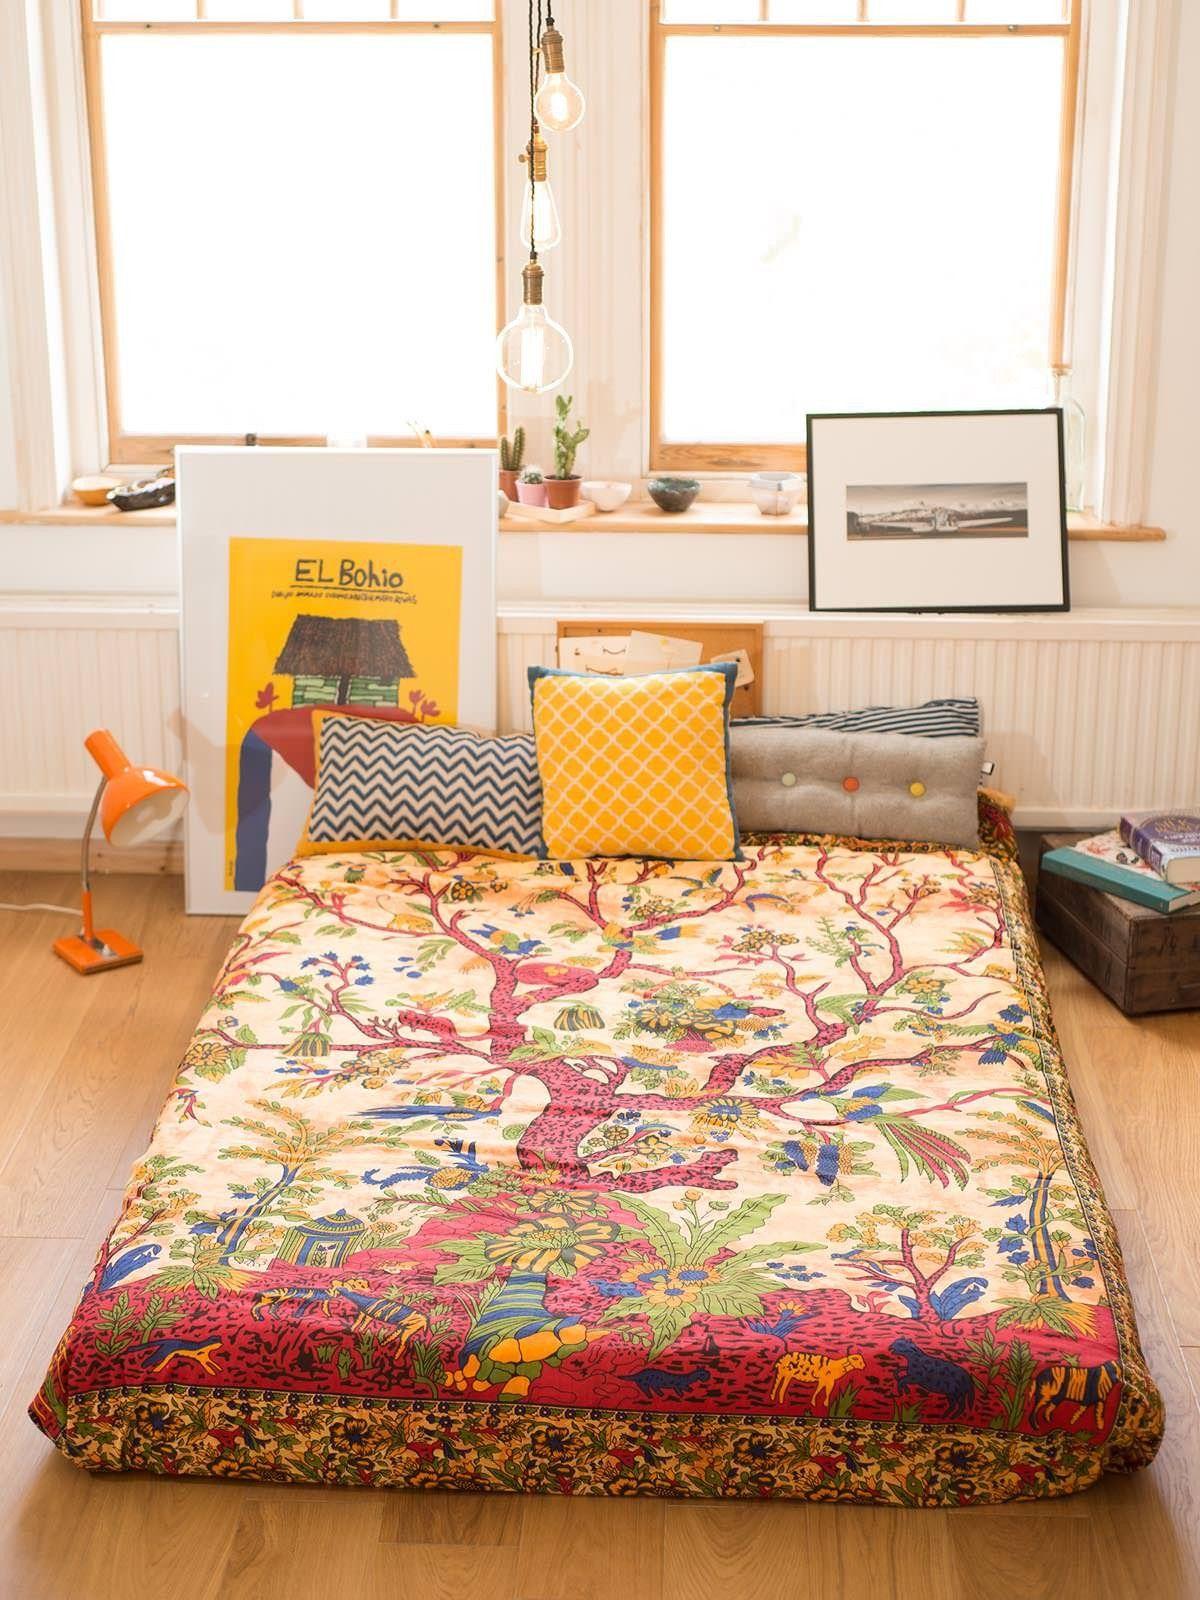 lit couvre lit Tenture arbre de vie / jetée de lit / couvre lit   Forgotten  lit couvre lit